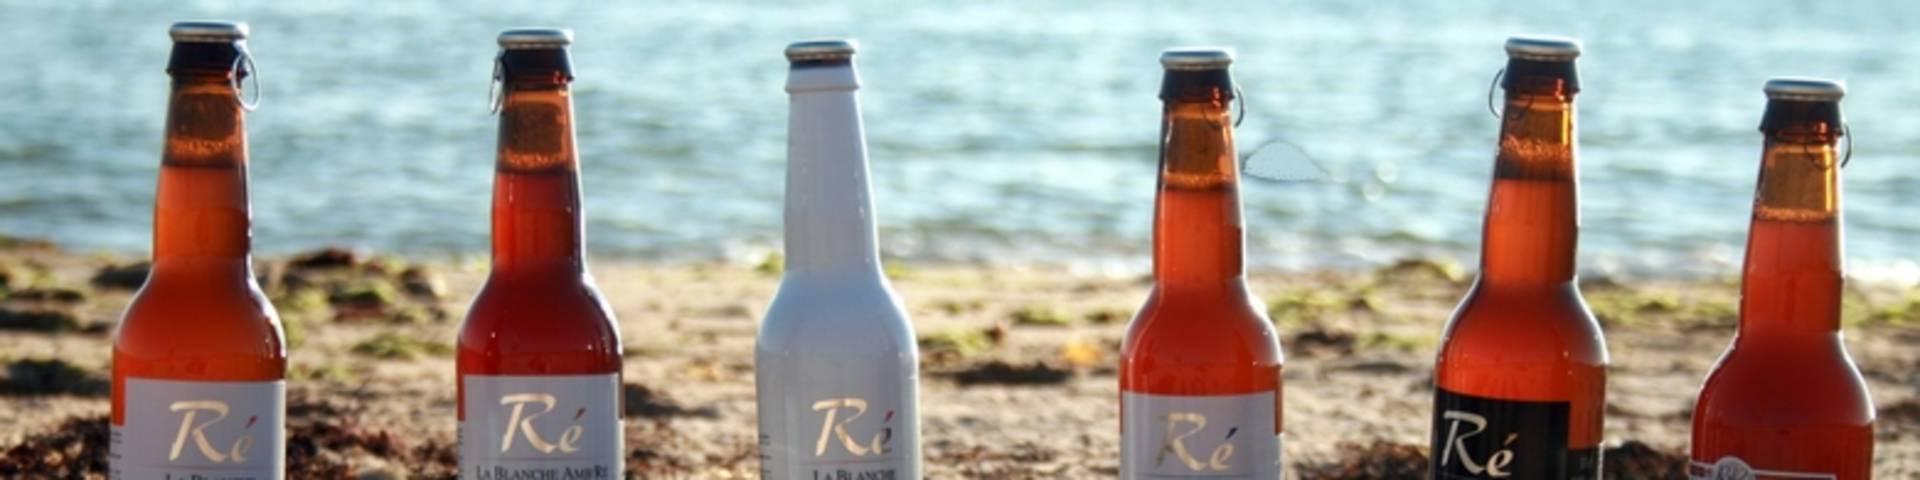 Les bières de Ré